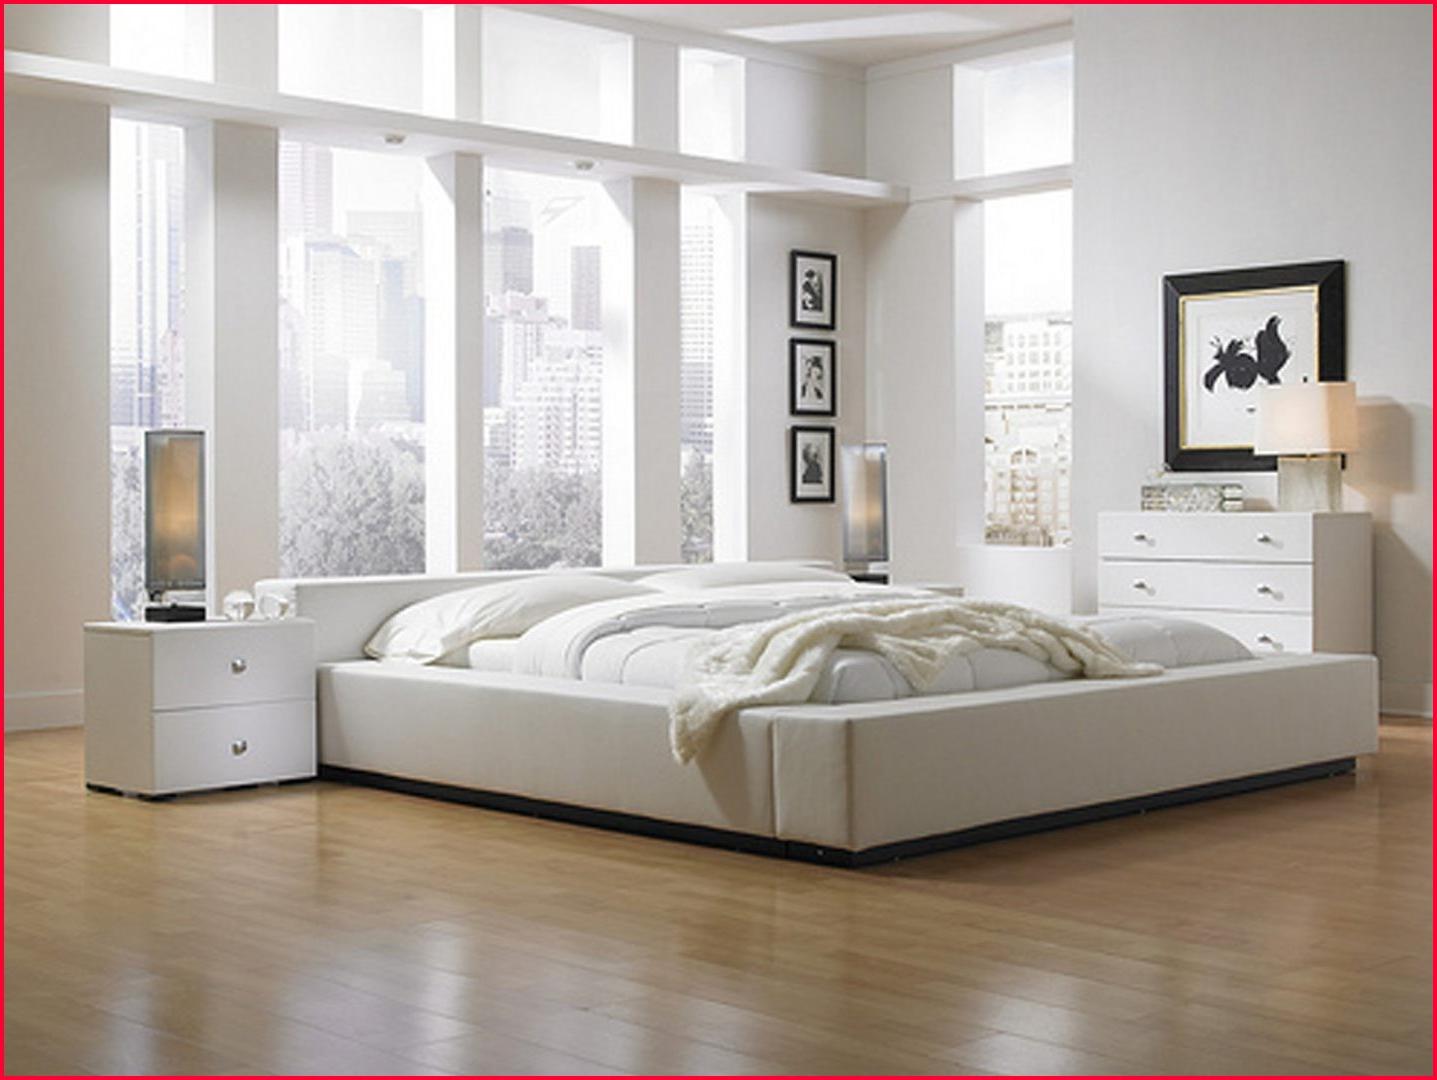 Muebles De Habitacion D0dg Encantador Muebles Habitacion Imagen De Muebles Decoracià N